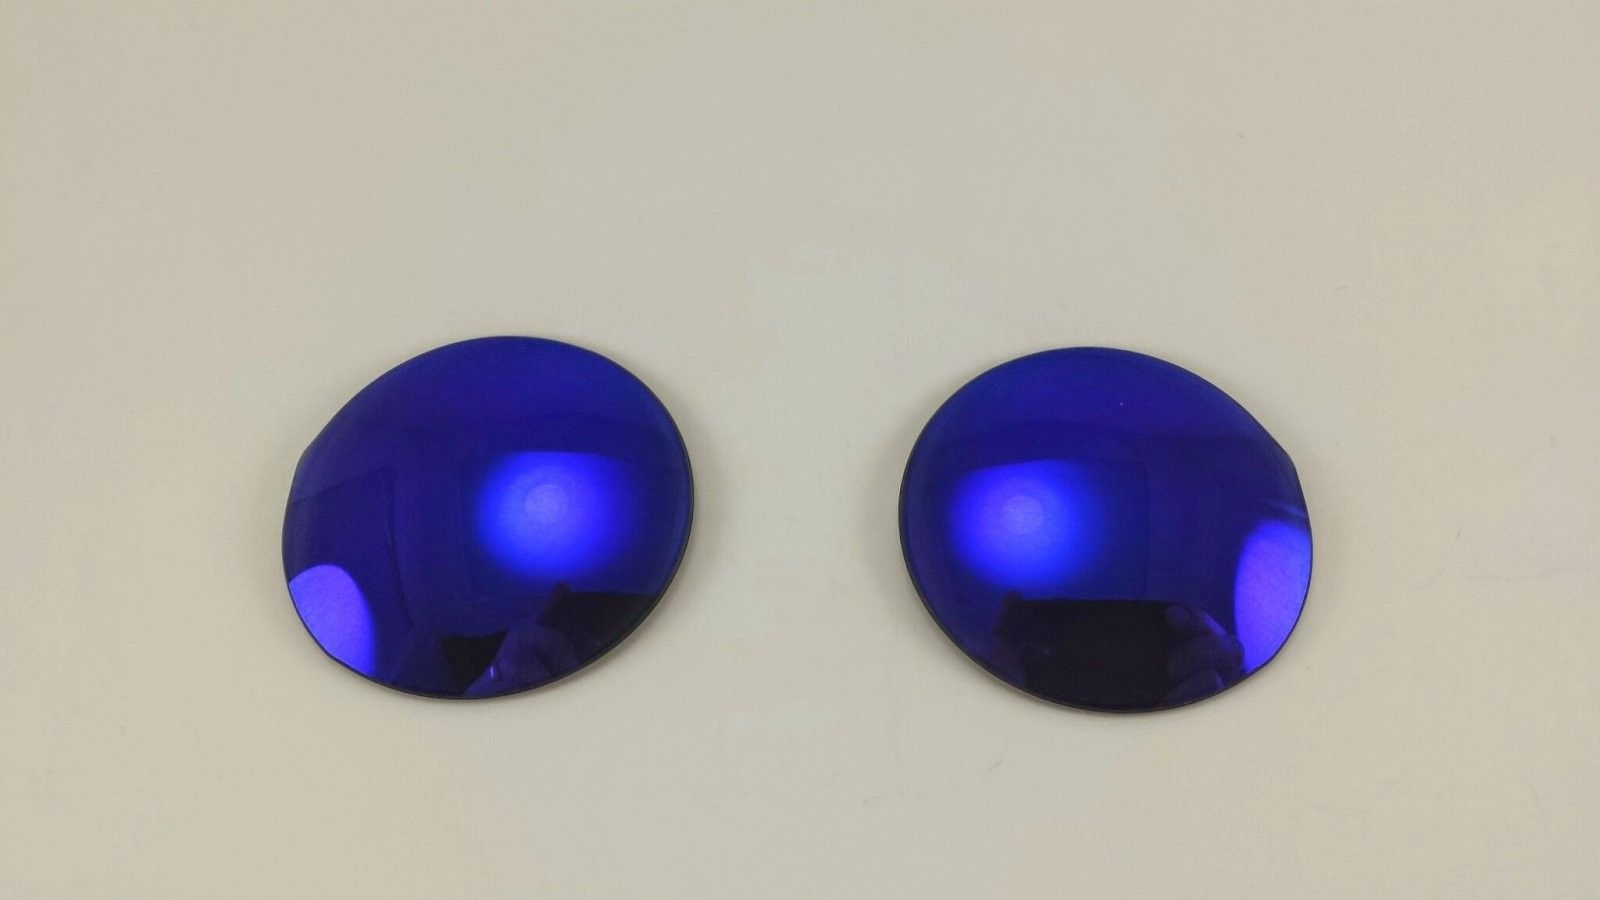 Mars Violet Non-polar Lenses - 20140622_115254.jpg